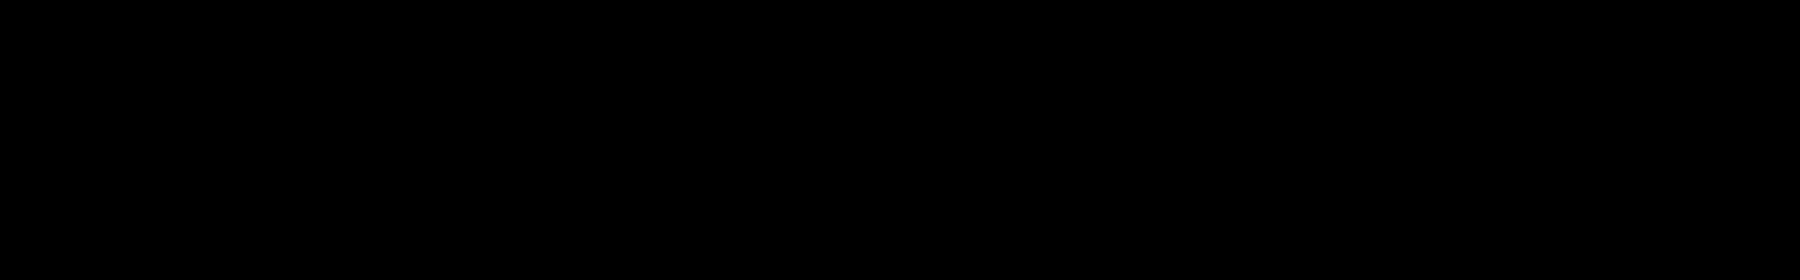 Sfx Vol.1 audio waveform